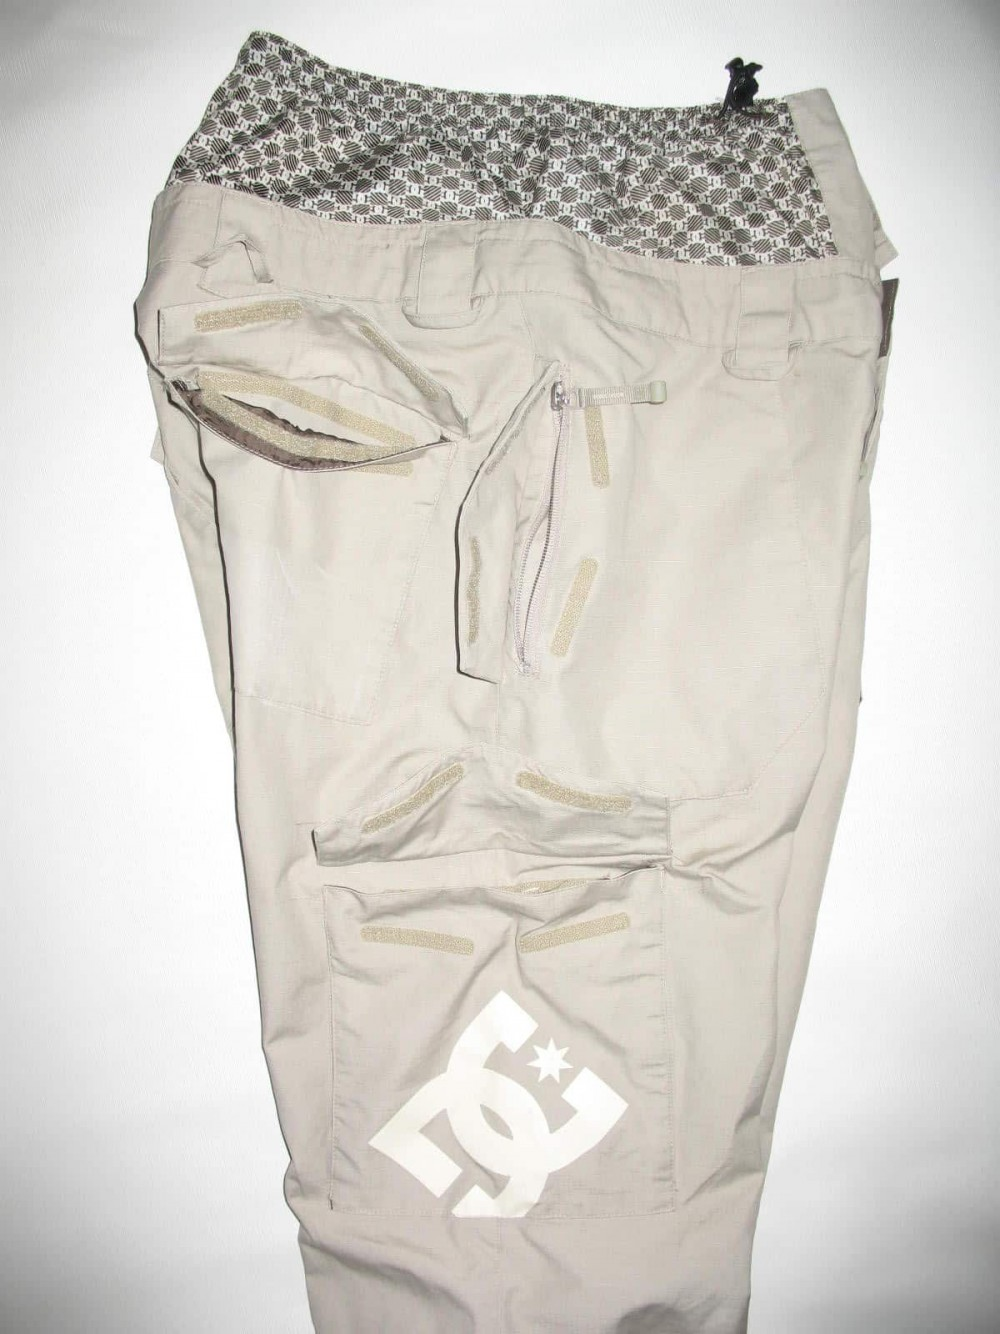 Штаны DC banshee-r snowboard pants (размер L) - 8